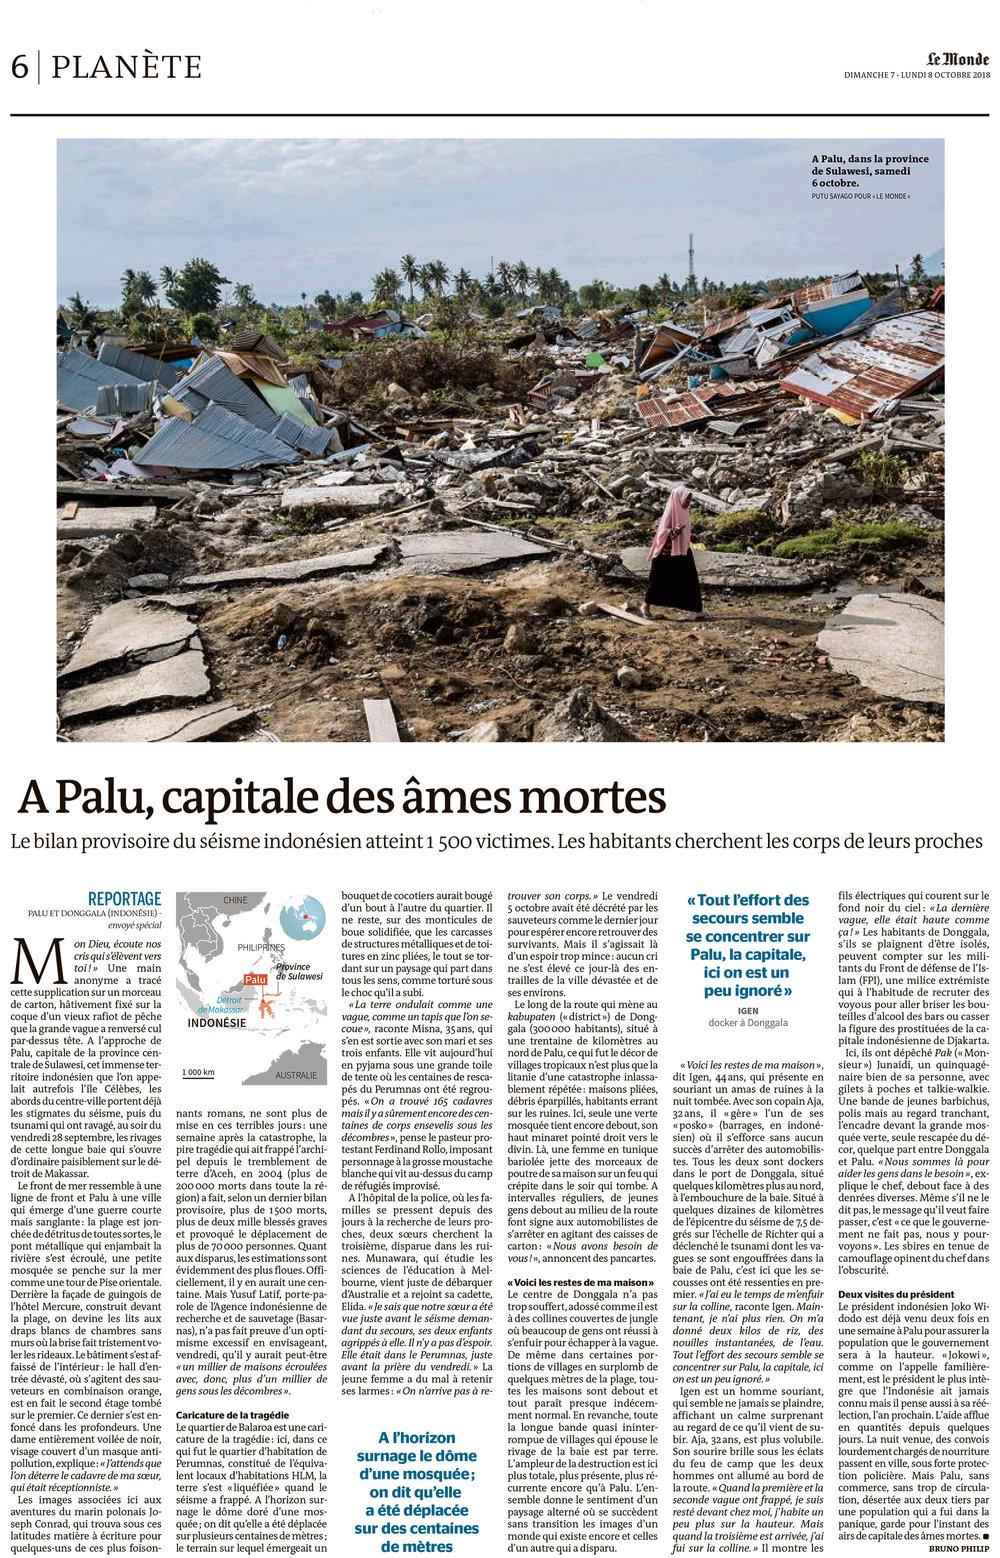 Le Monde, 7 October 2018.